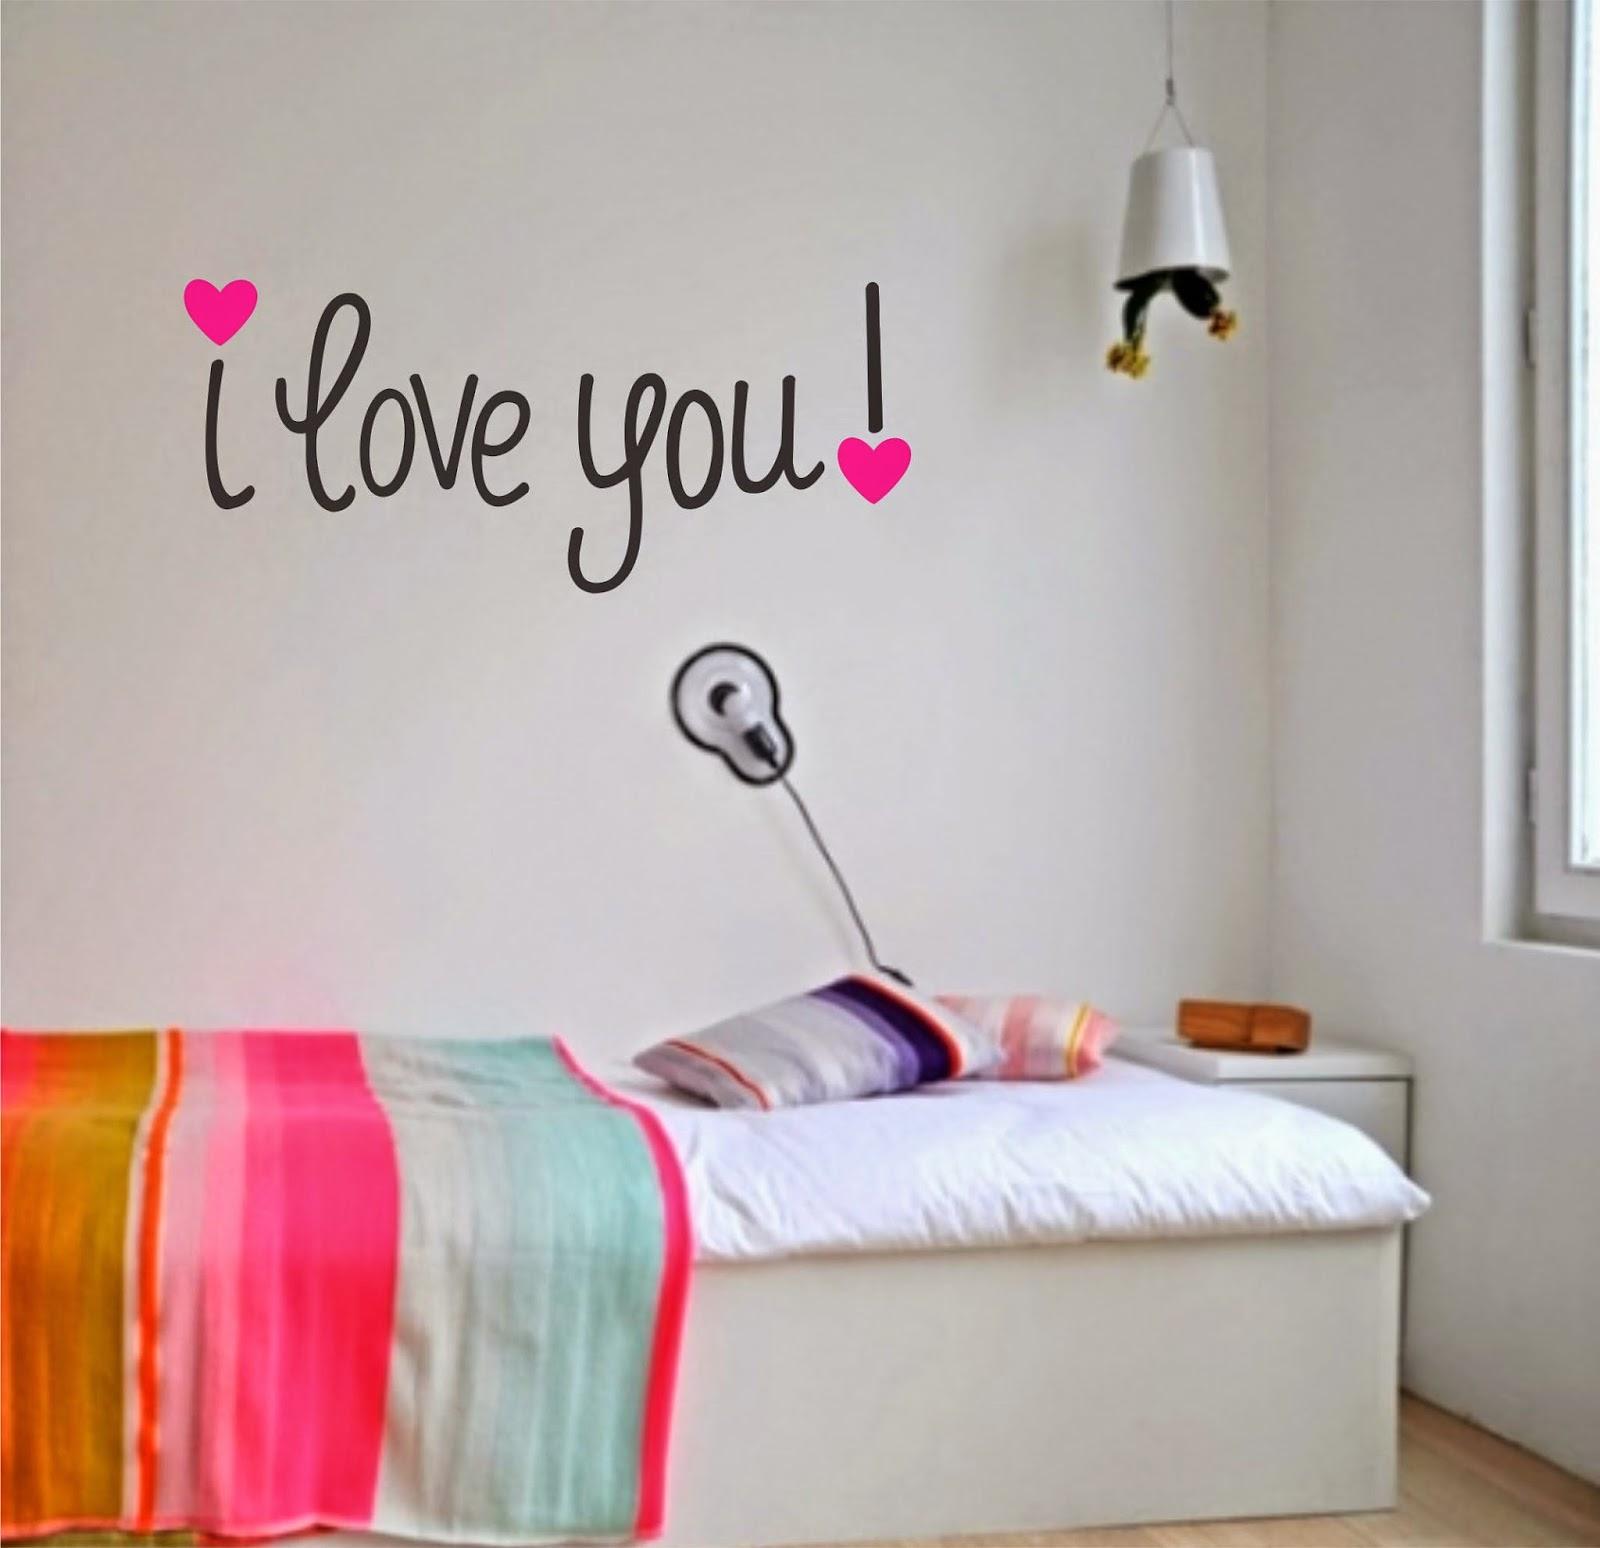 Ideias para decorar a sua casa: Quadro com frases